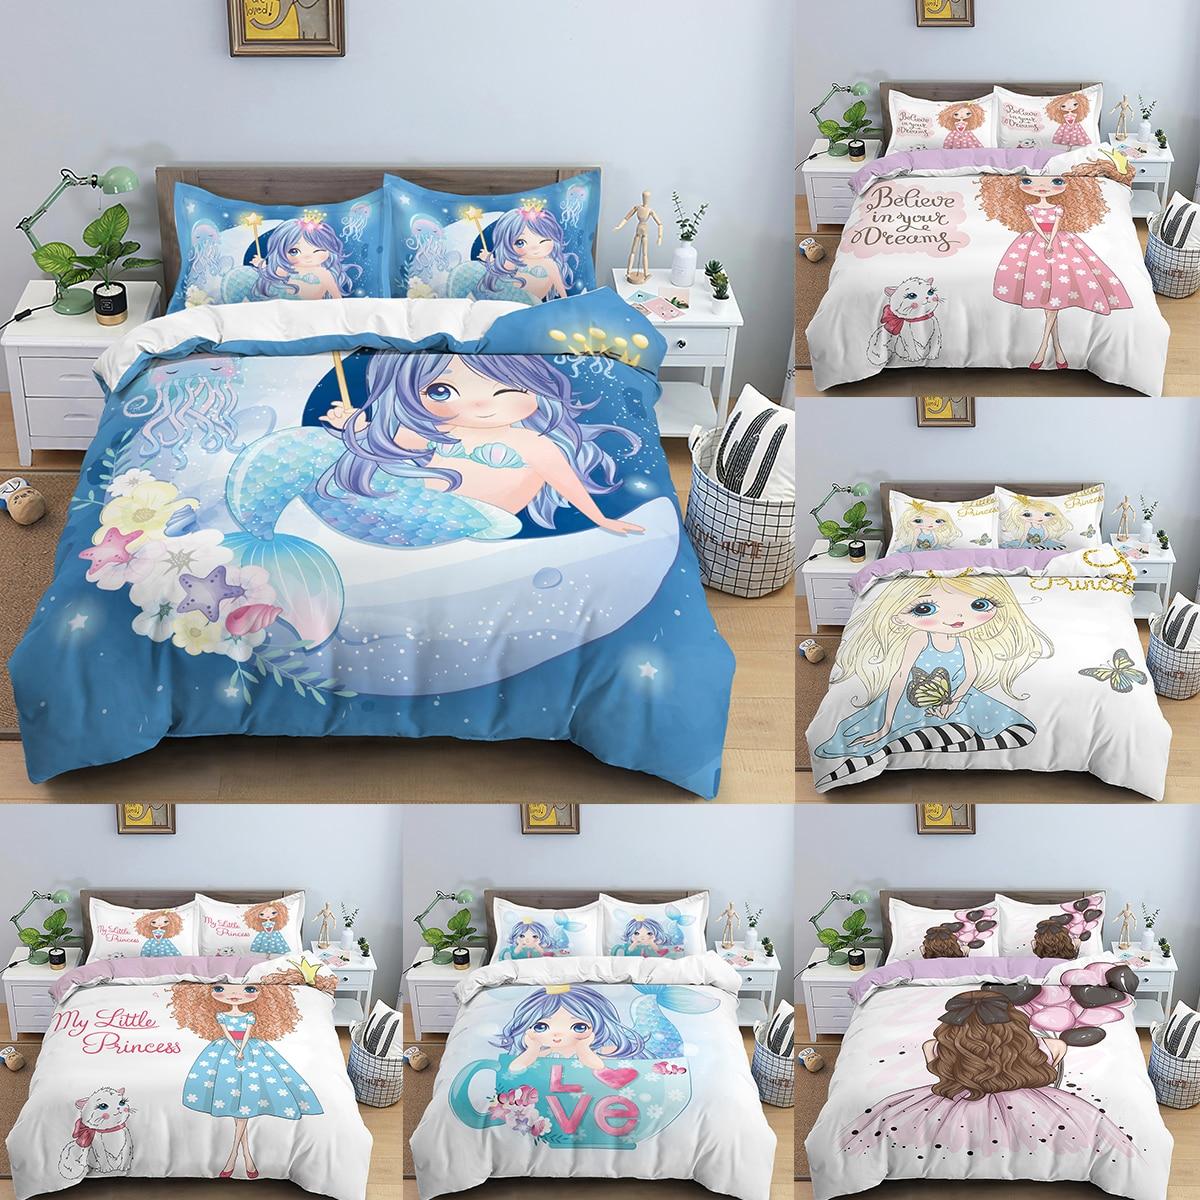 الأطفال حاف الغطاء حورية البحر الأميرة الفتيات الكرتون المطبوعة طقم سرير الملكة حجم حاف الغطاء لفتاة لطيف Comfor طقم سرير